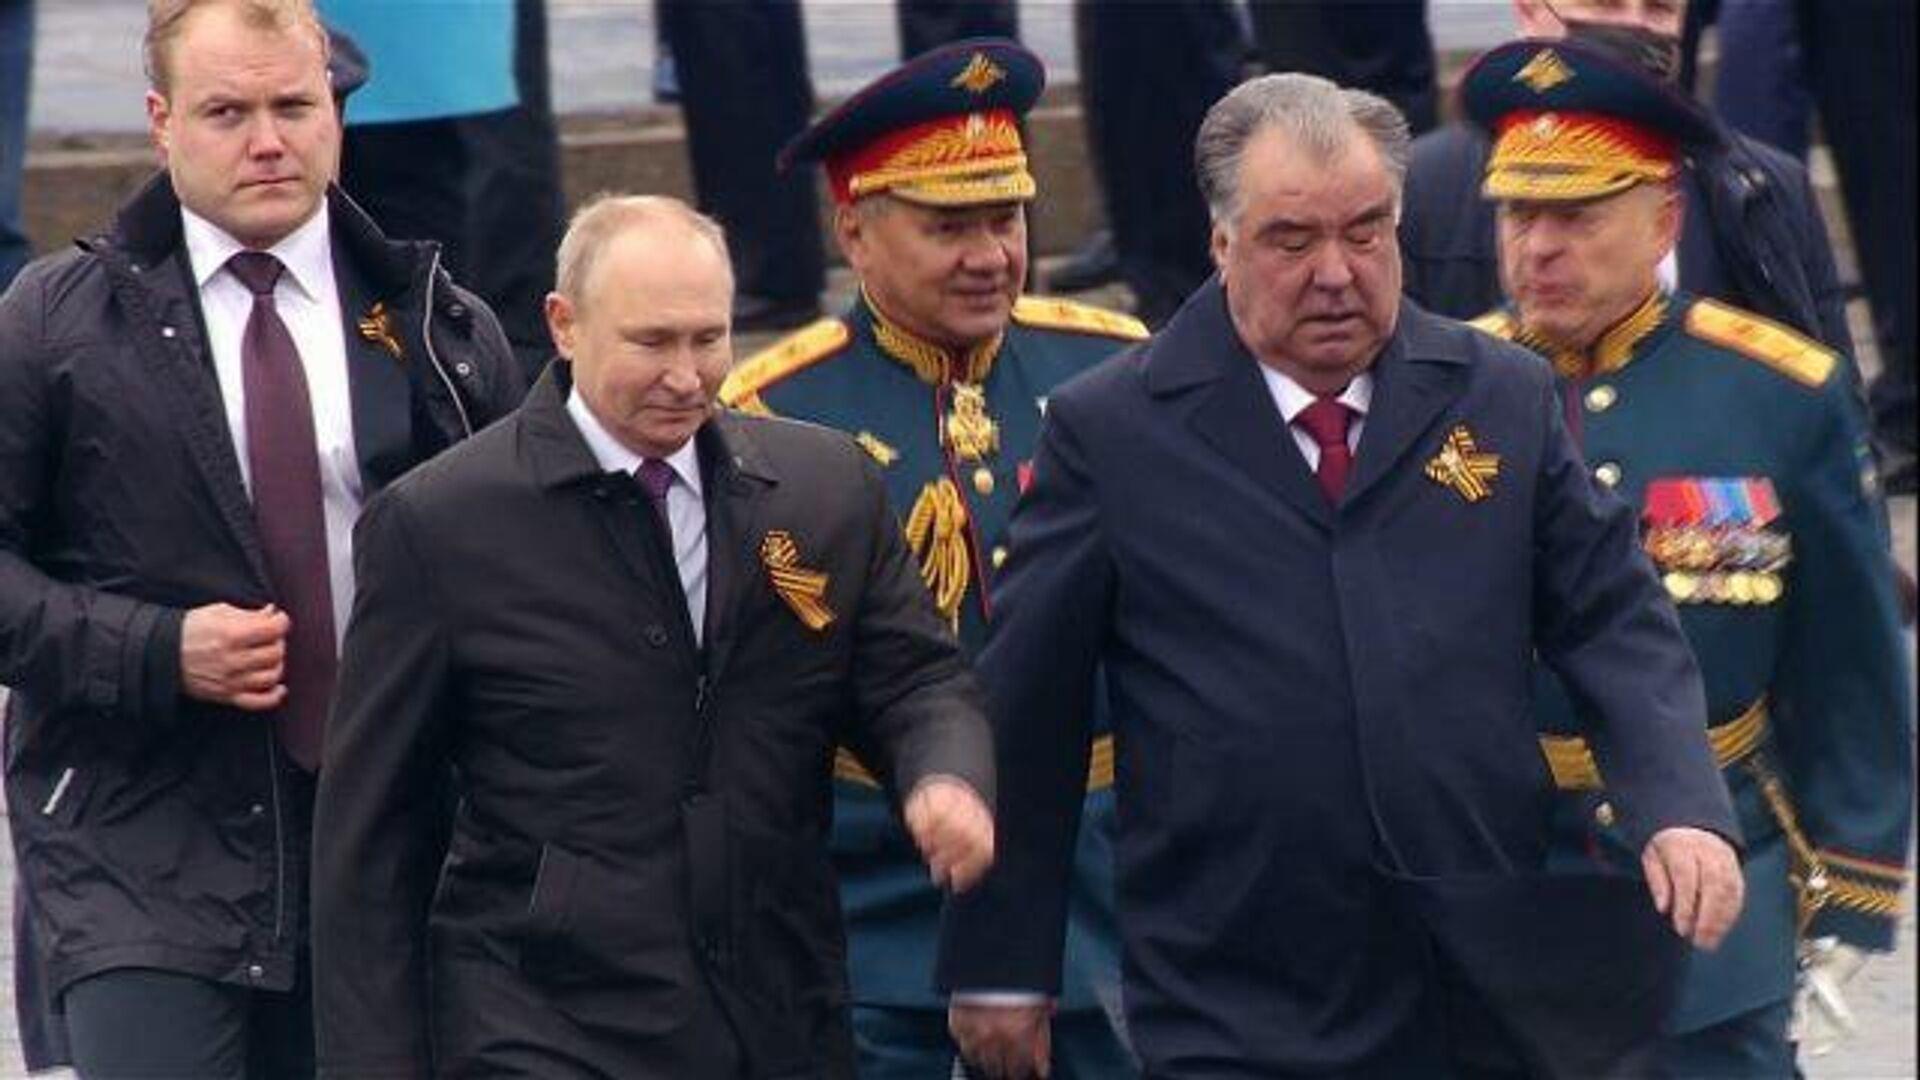 Отлично! - Путин поделился впечатлением о Параде - РИА Новости, 1920, 09.05.2021